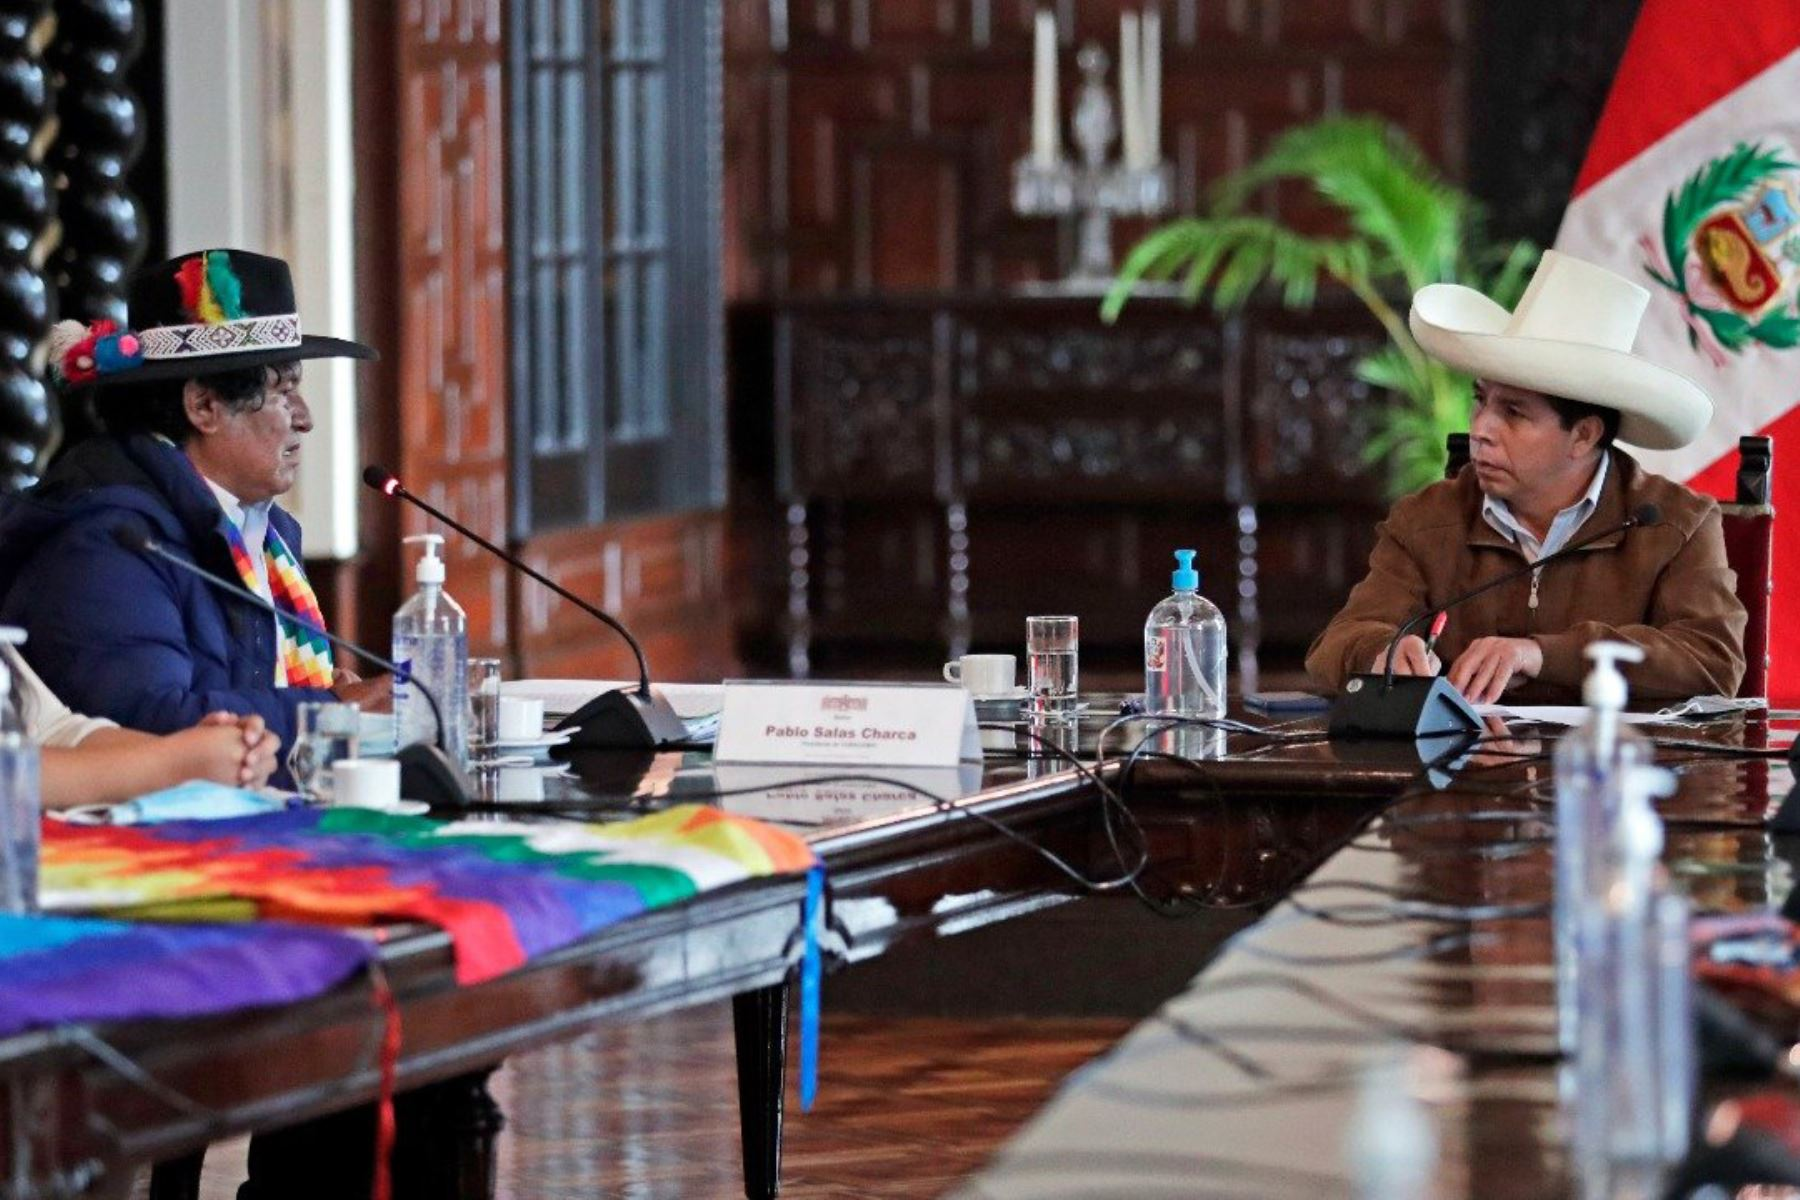 El presidente Pedro Castillo se reunió con representantes de comunidades campesinas afectadas por la minería e hidrocarburos para atender sus demandas por temas ambientales e impulsar el desarrollo económico de sus territorios. Foto: ANDINA/Prensa Presidencia